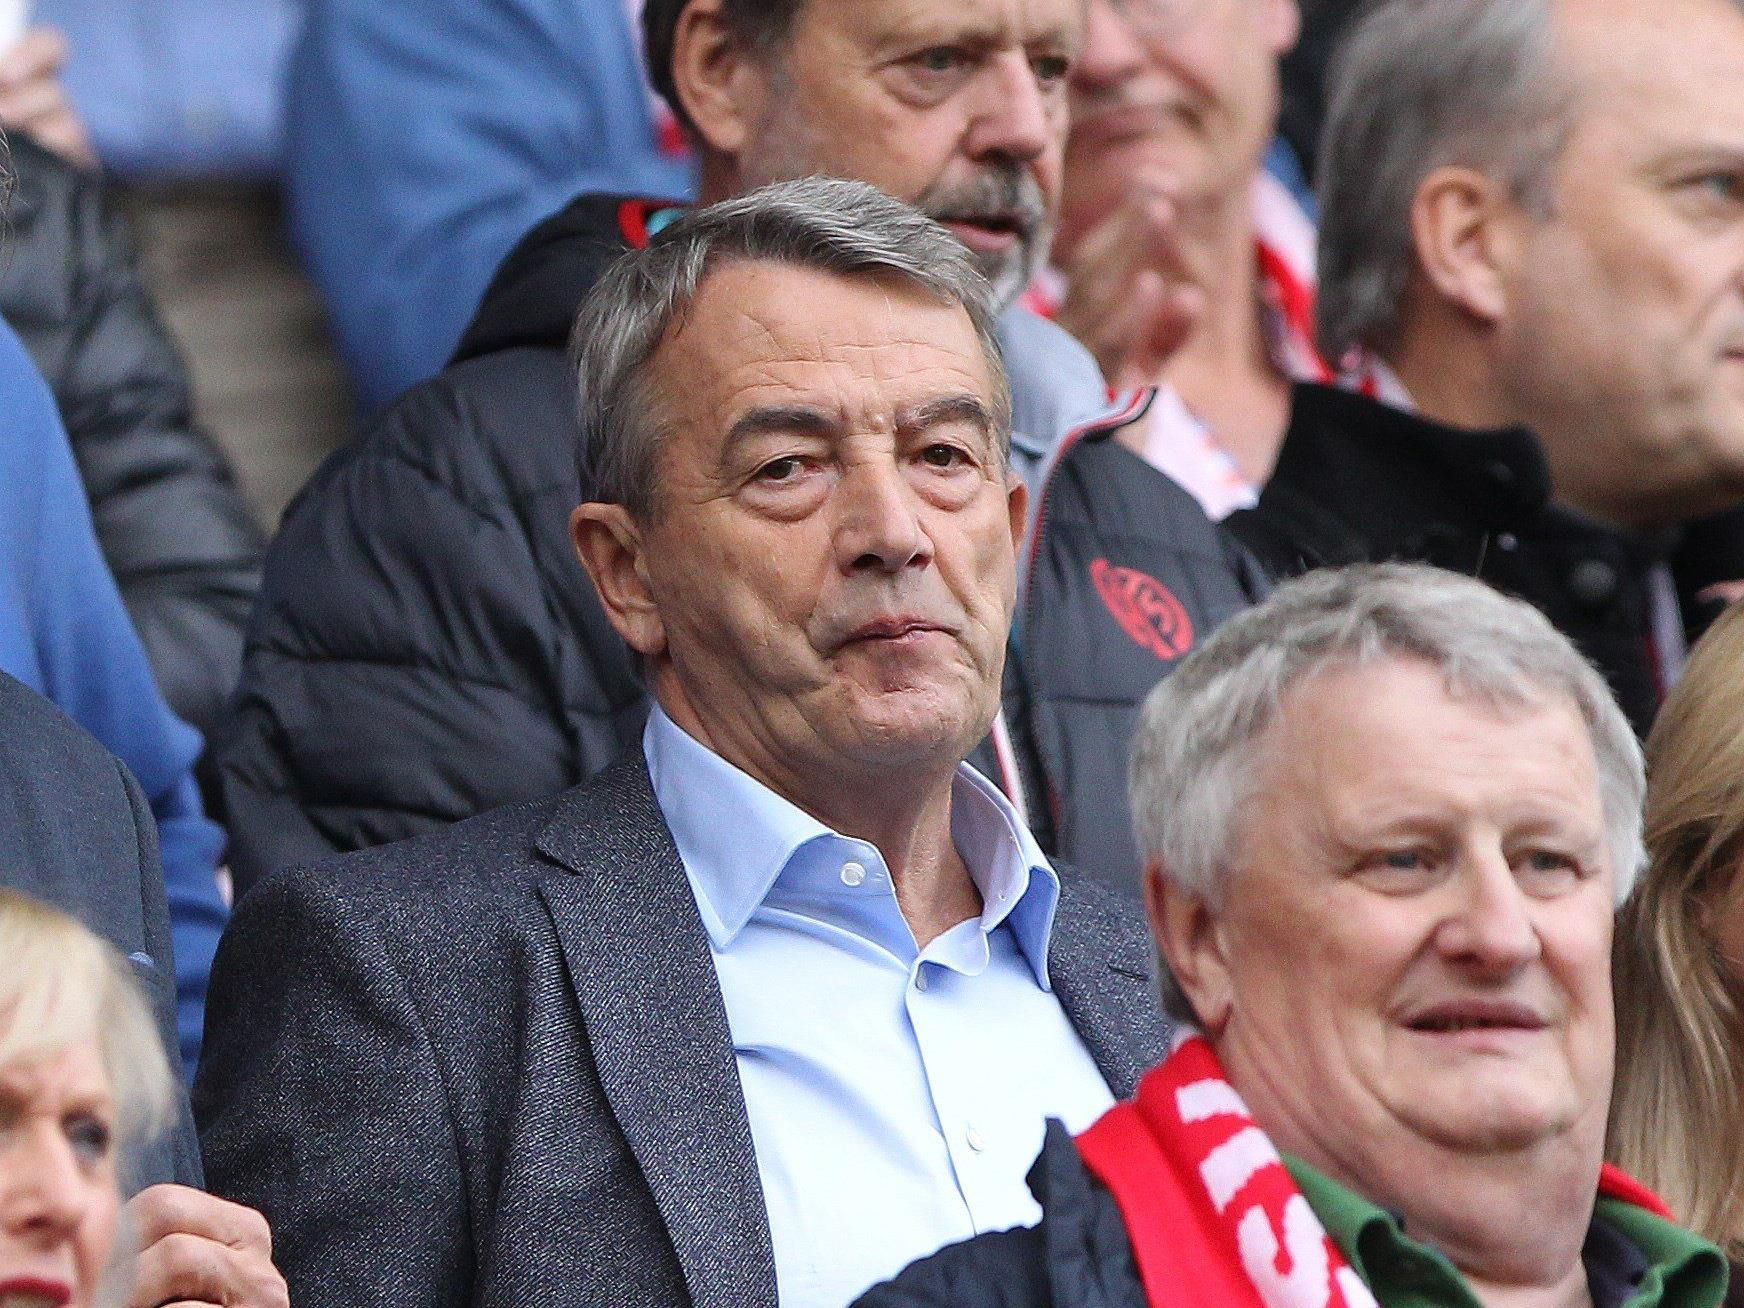 DFB-Präsident Niersbach bei einem Bundesliga-Spiel Anfang November.